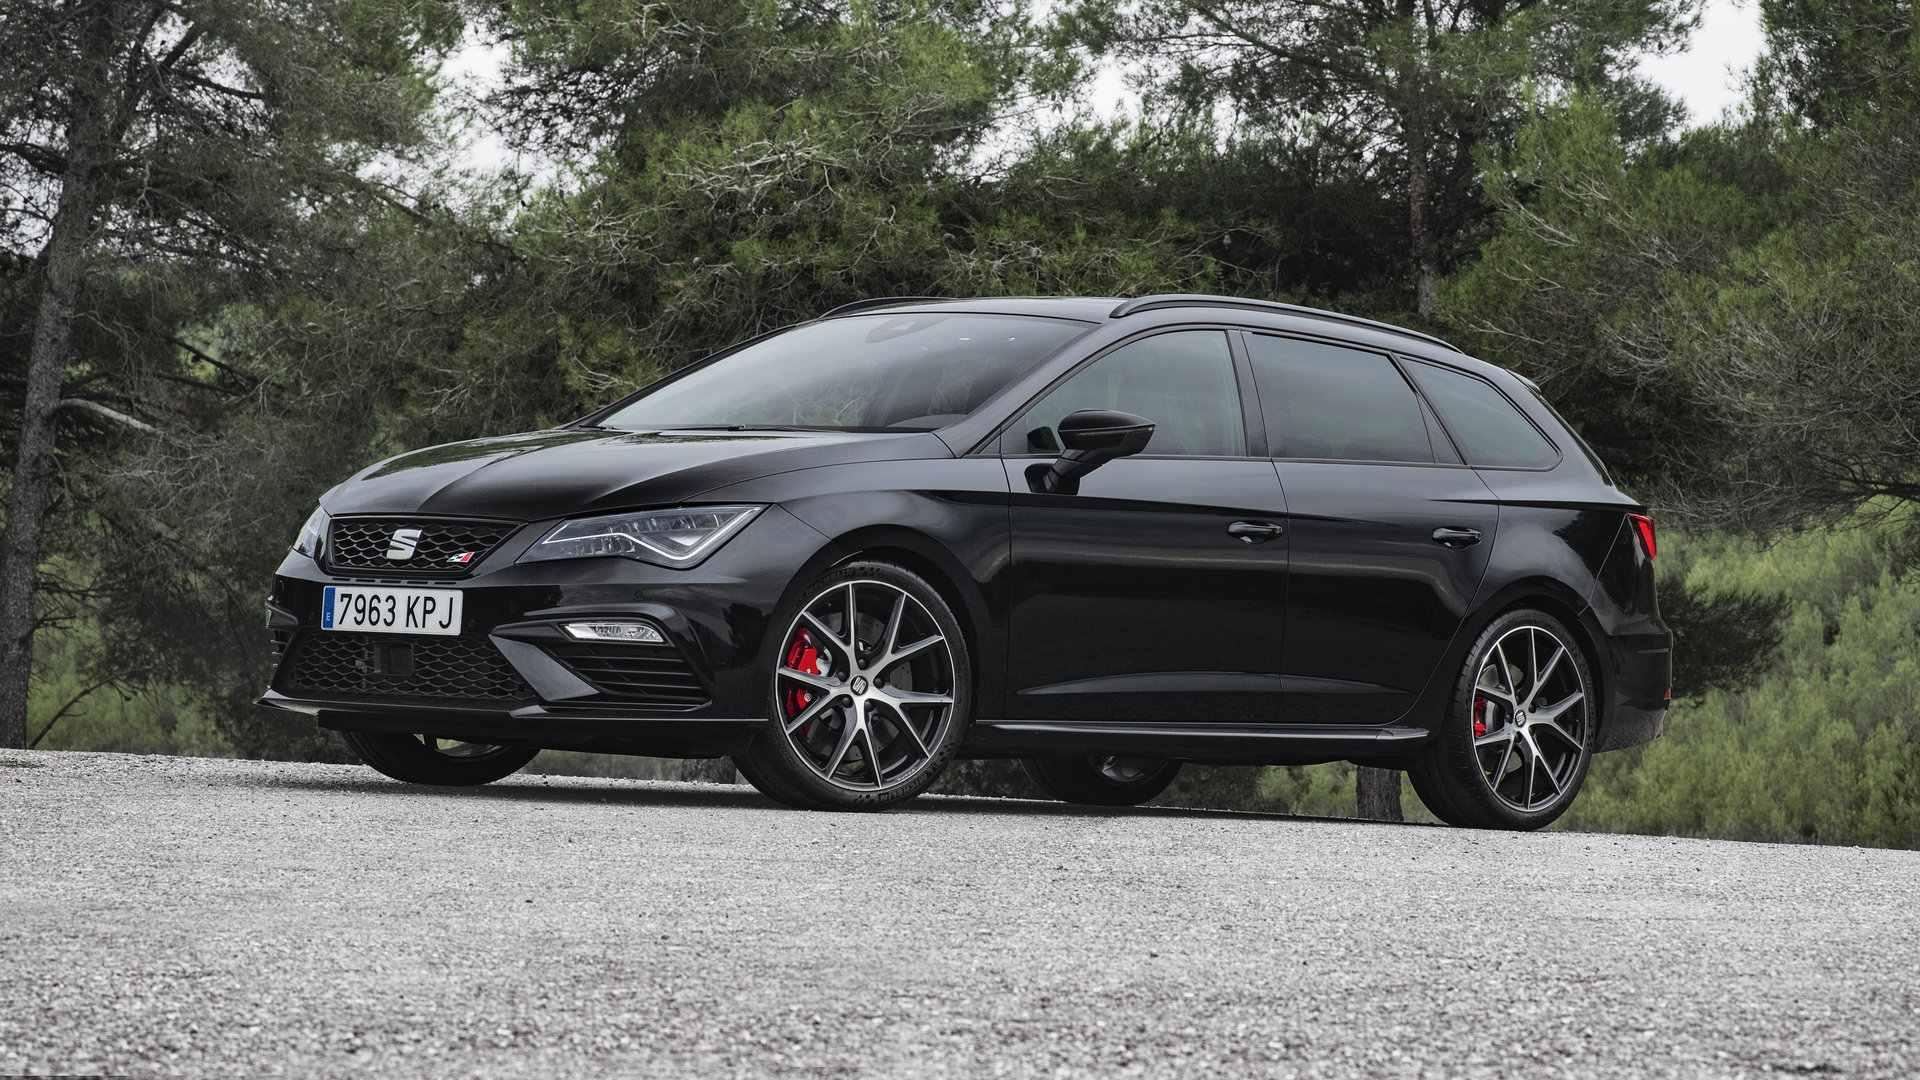 El SEAT León actualiza sus motores y ofrece un ST Cupra muy especial